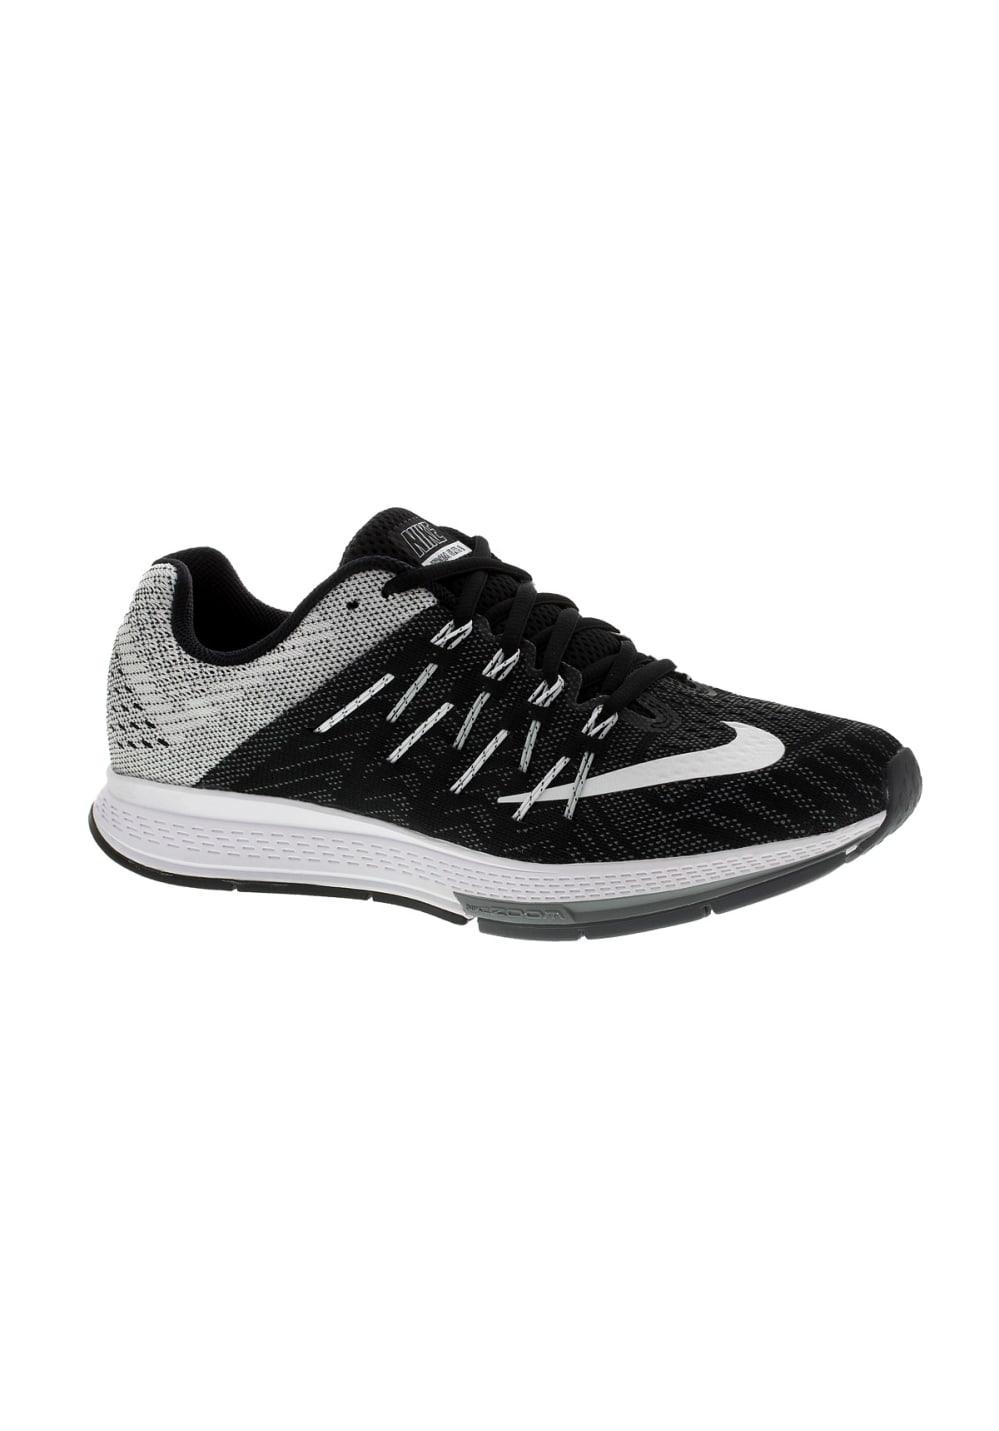 the best attitude get cheap high fashion Nike Air Zoom Elite 8 Laufschuhe für Damen Schwarz